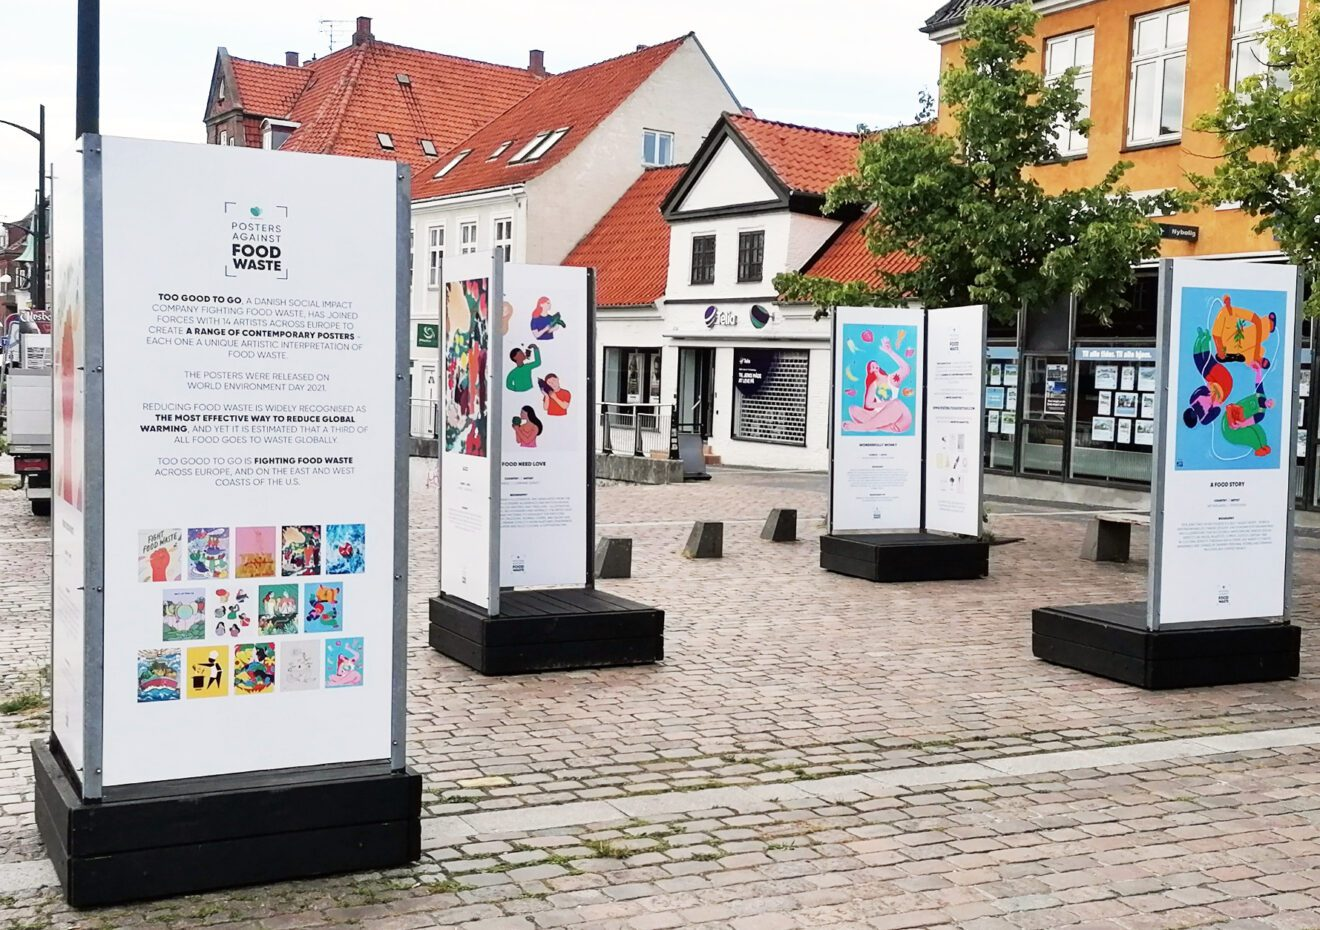 Oplev plakatkunst mod madspild på torvet på Ahlgade